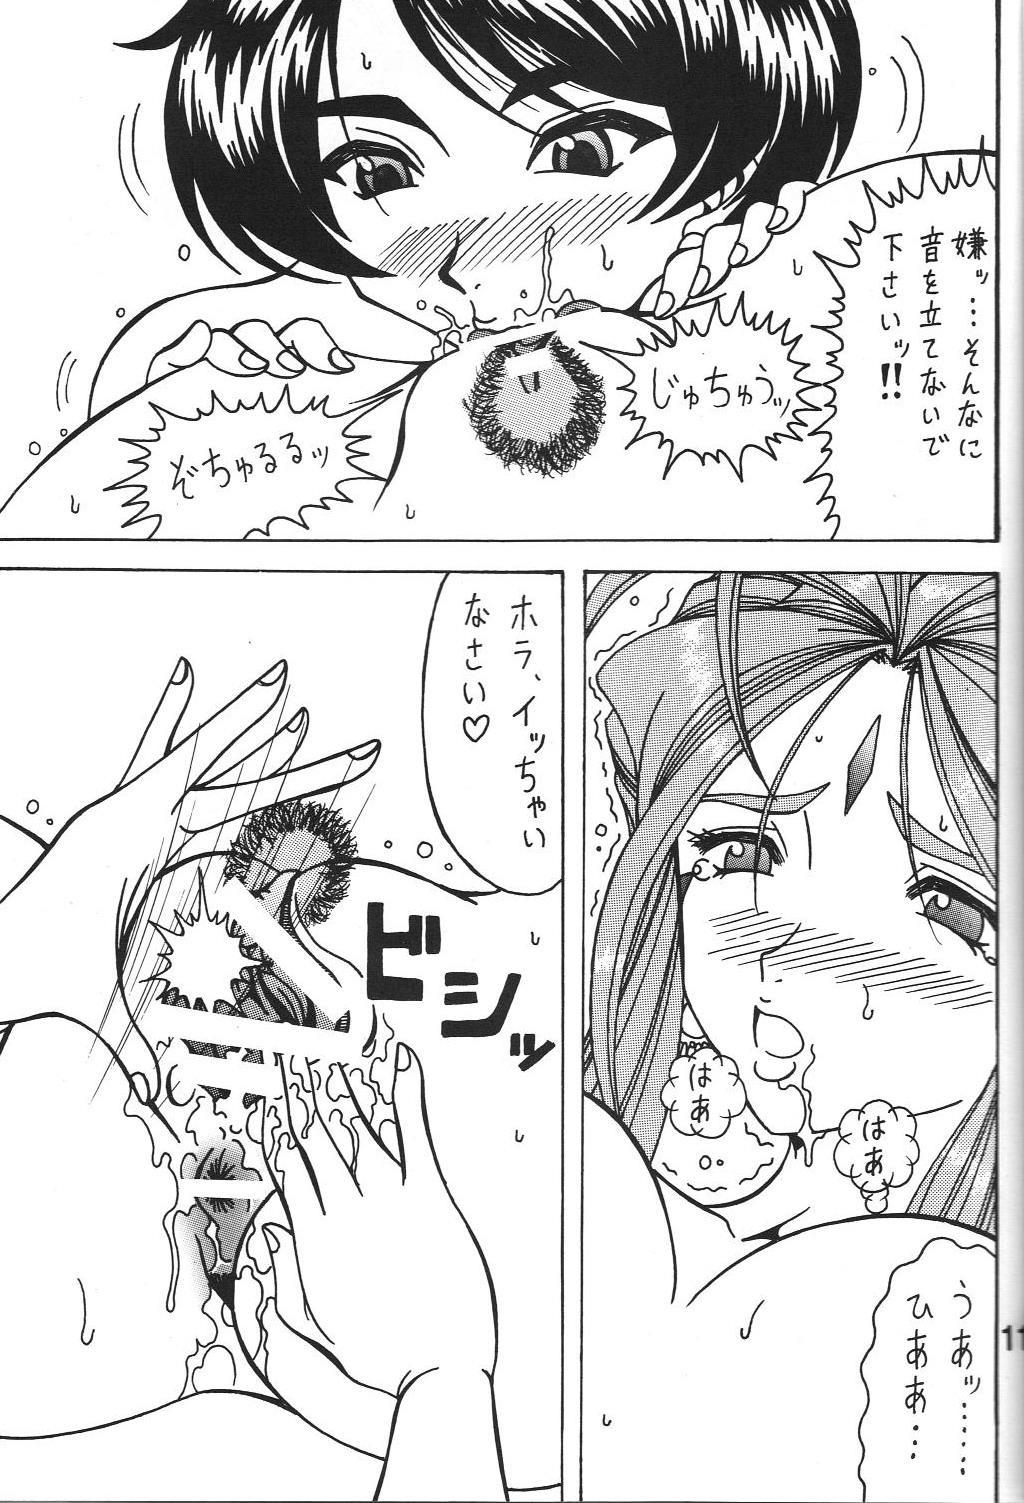 Megami no yuri kago 9